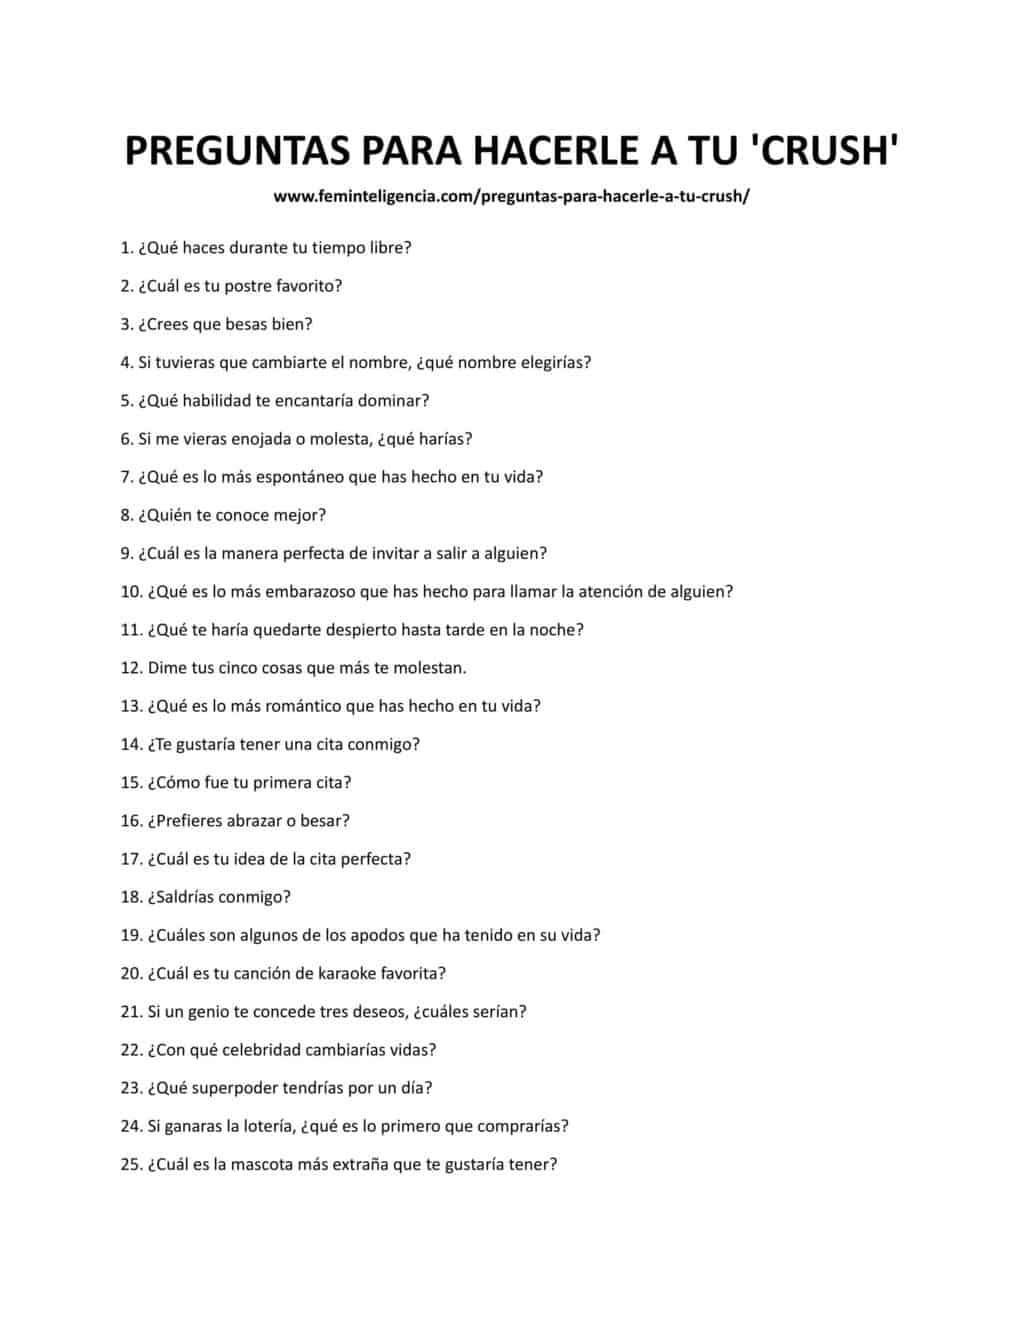 preguntas para hacerle a tu 'crush'-1